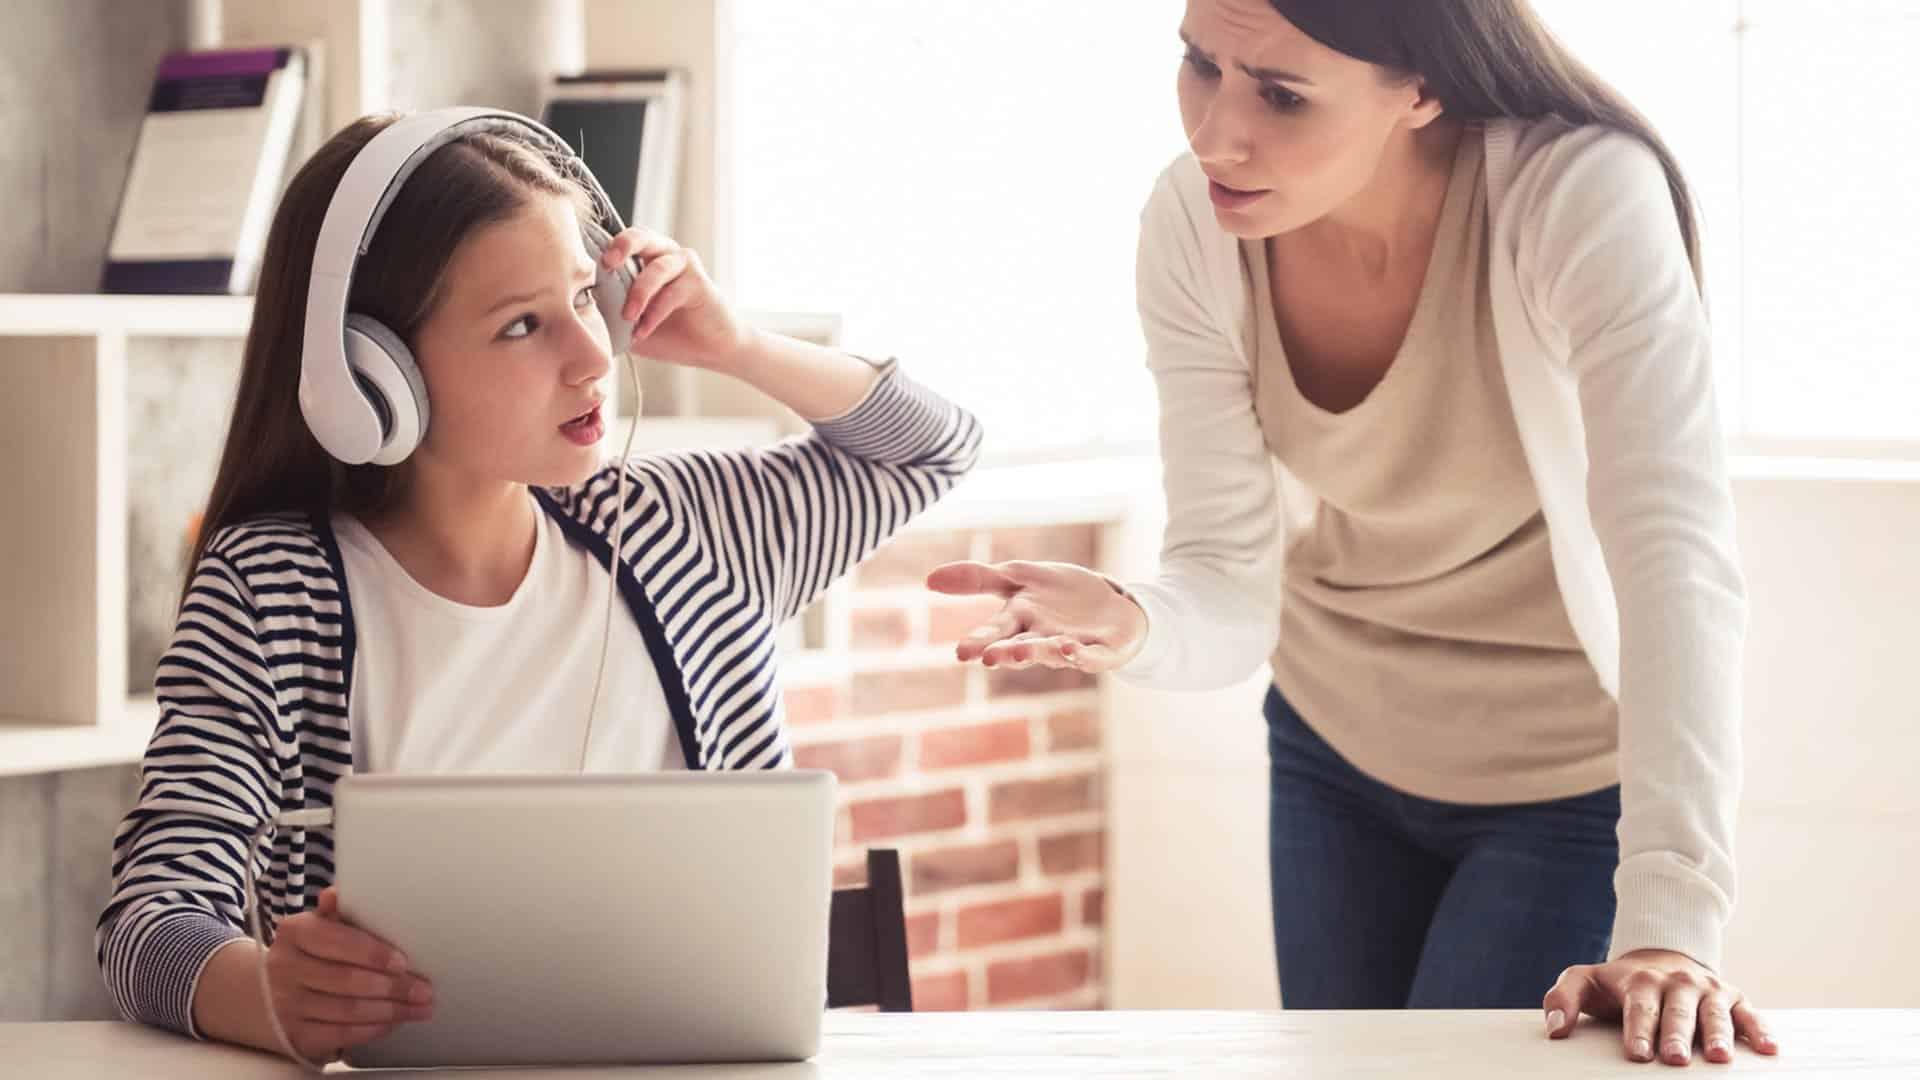 Ihr Kind  verteilt den neuen Musik-Clip freudig unter seinen Freunden – Und Sie kostet das plötzlich mehrere Tausend Euro?